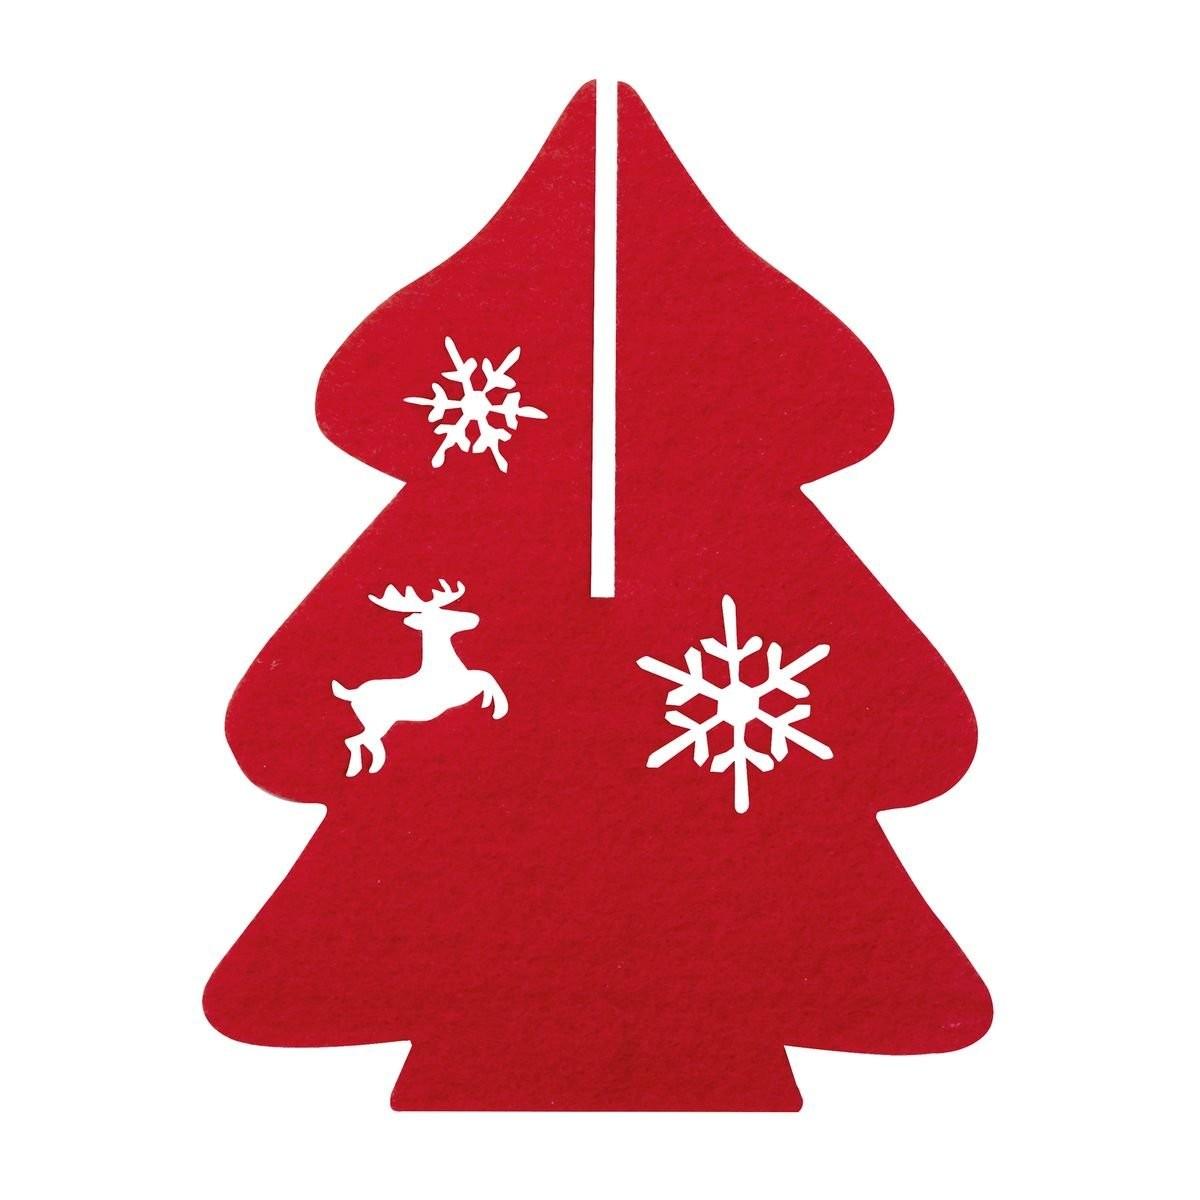 Weihnachtsdekoration REFLECTS-JINAN RED, Ansicht 4